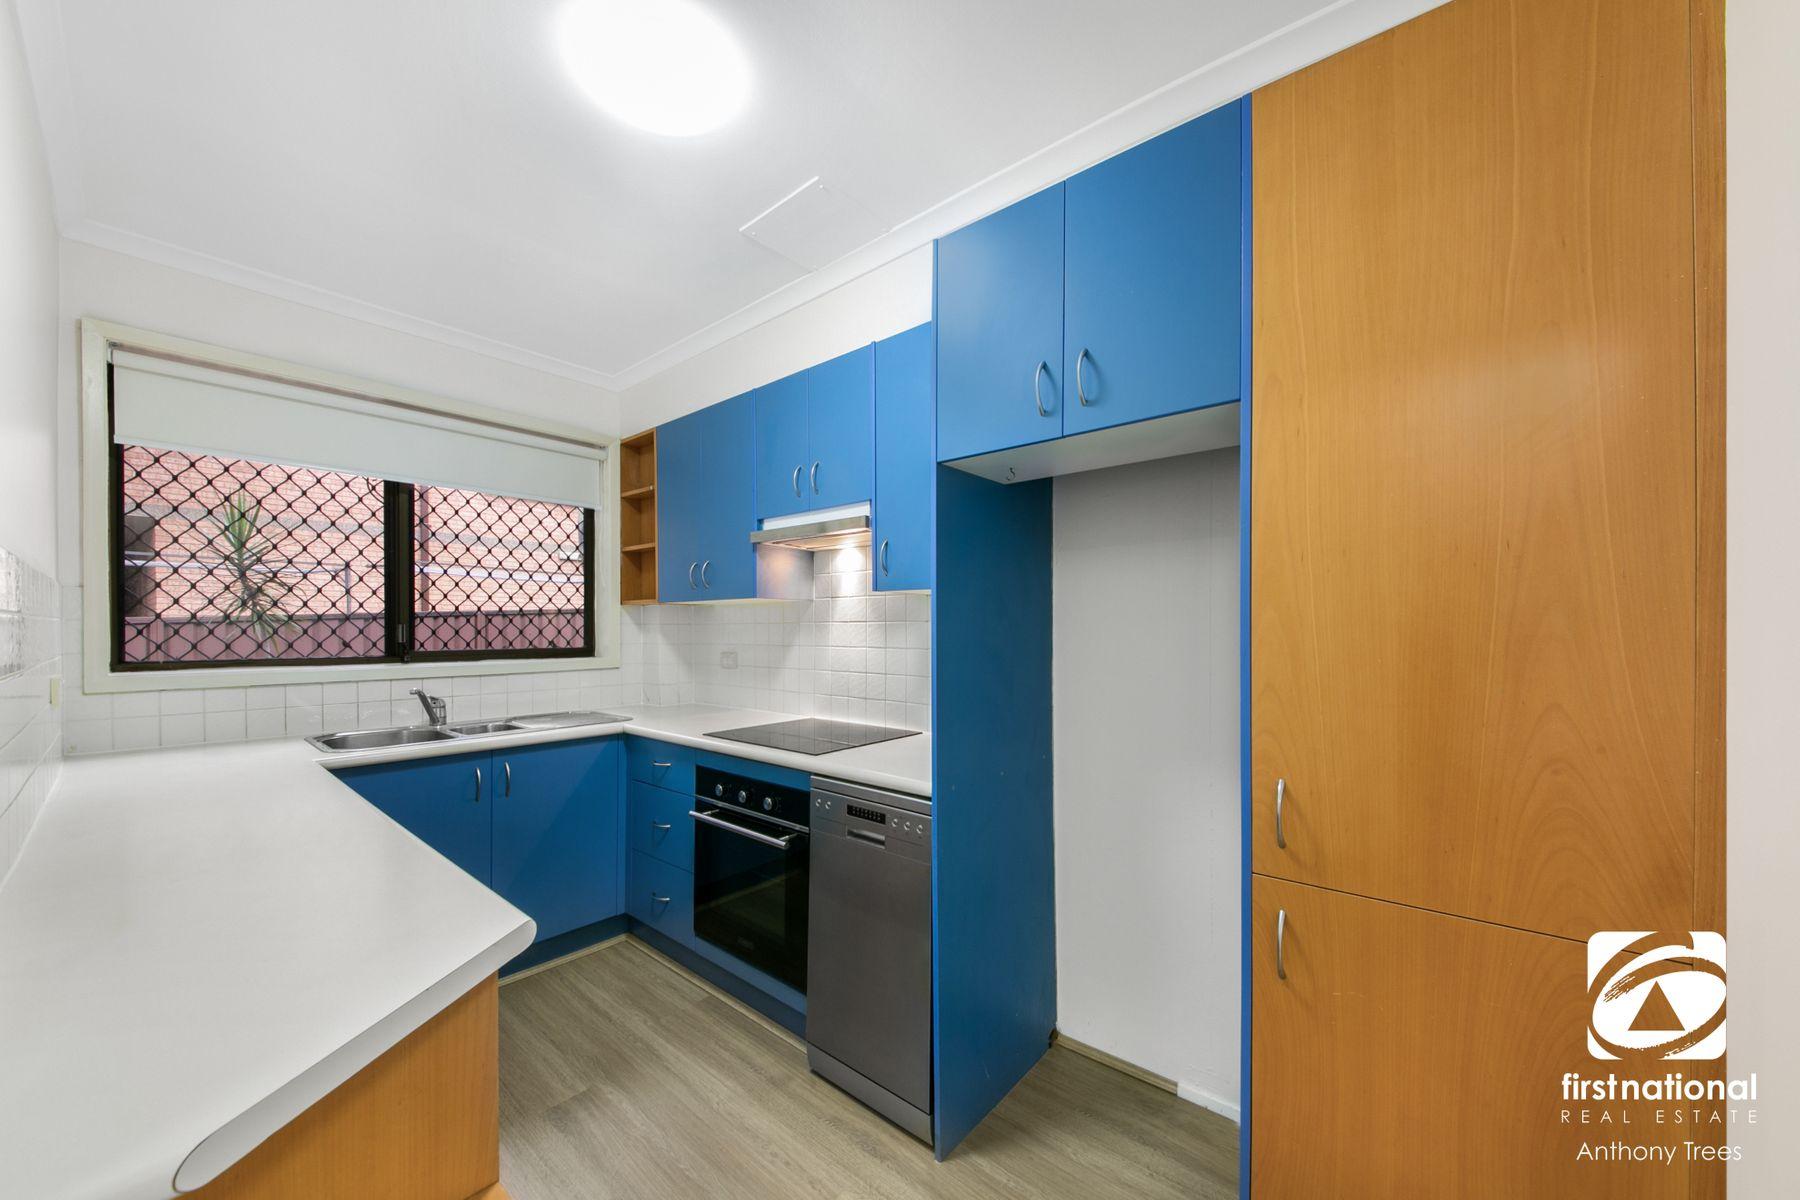 10/6-8 Robert Street, Telopea, NSW 2117